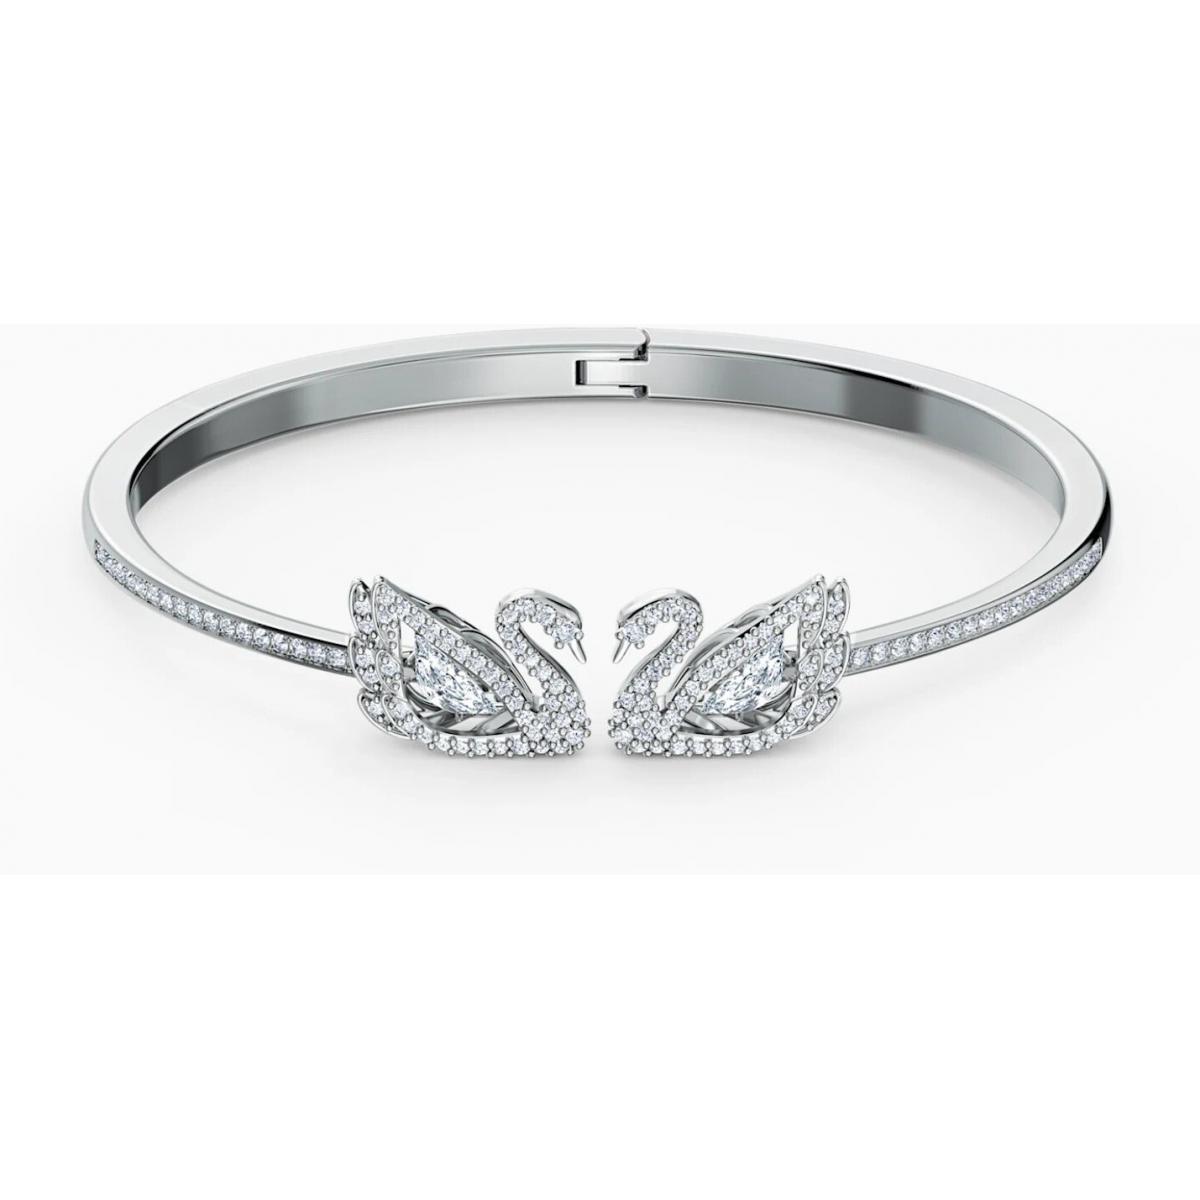 BRACELET Swarovski 5520713 - Bracelet Métal Argenté Cygne Strass blanc Femme